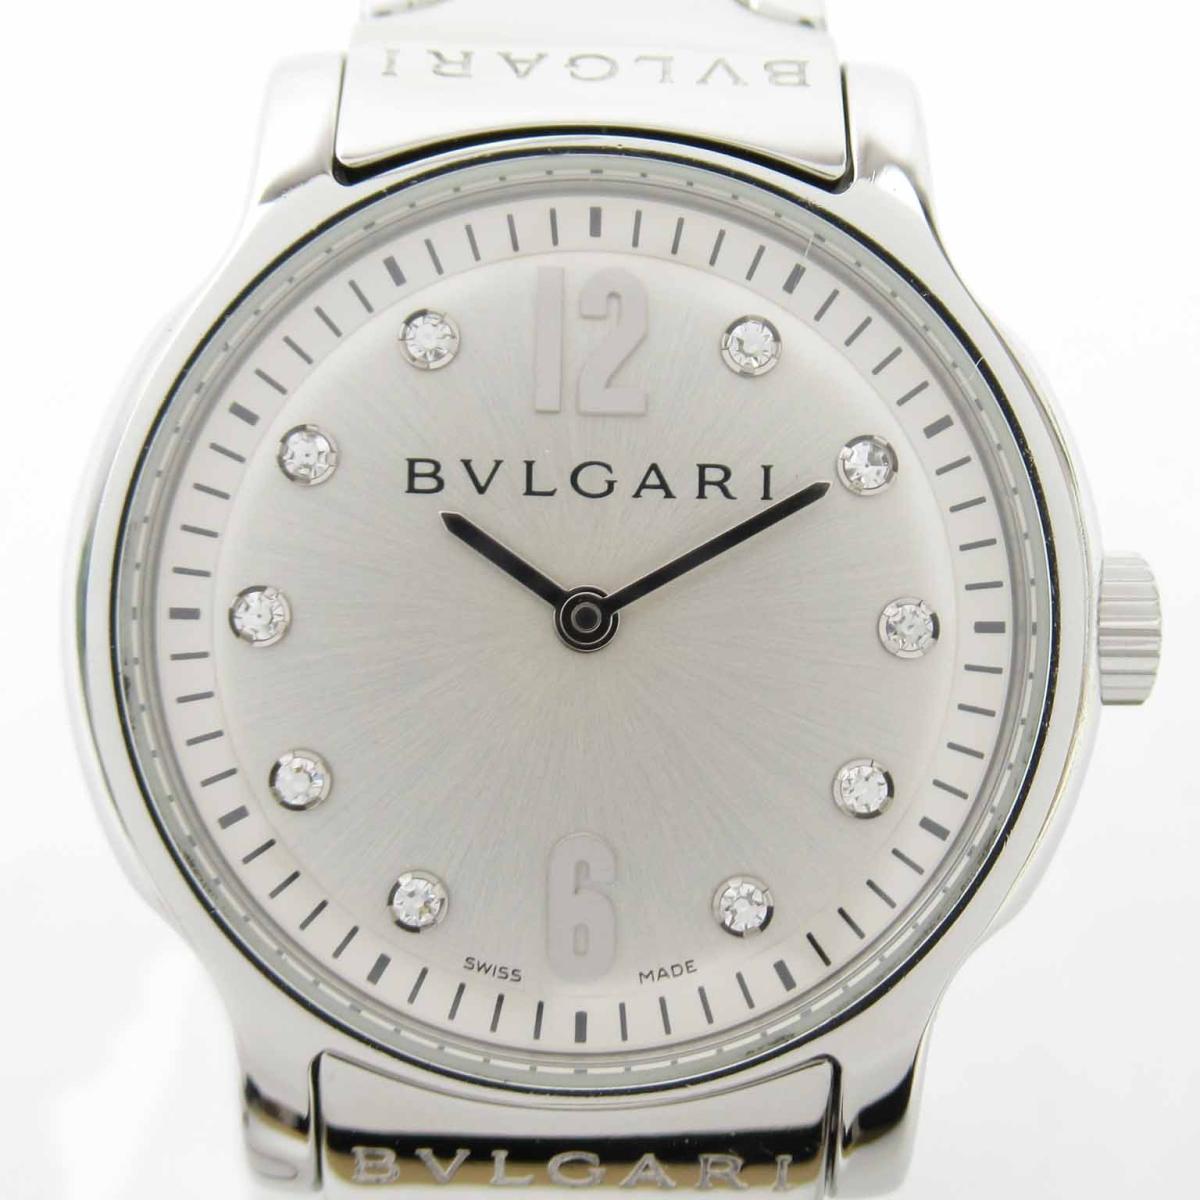 ≪期間限定≫メルマガ登録でクーポンGET! 【中古】 ブルガリ ソロテンポ 10Pダイヤ ウォッチ 腕時計 レディース ステンレススチール (SS) (ST29S) | BVLGARI BRANDOFF ブランドオフ ブランド ブランド時計 ブランド腕時計 時計